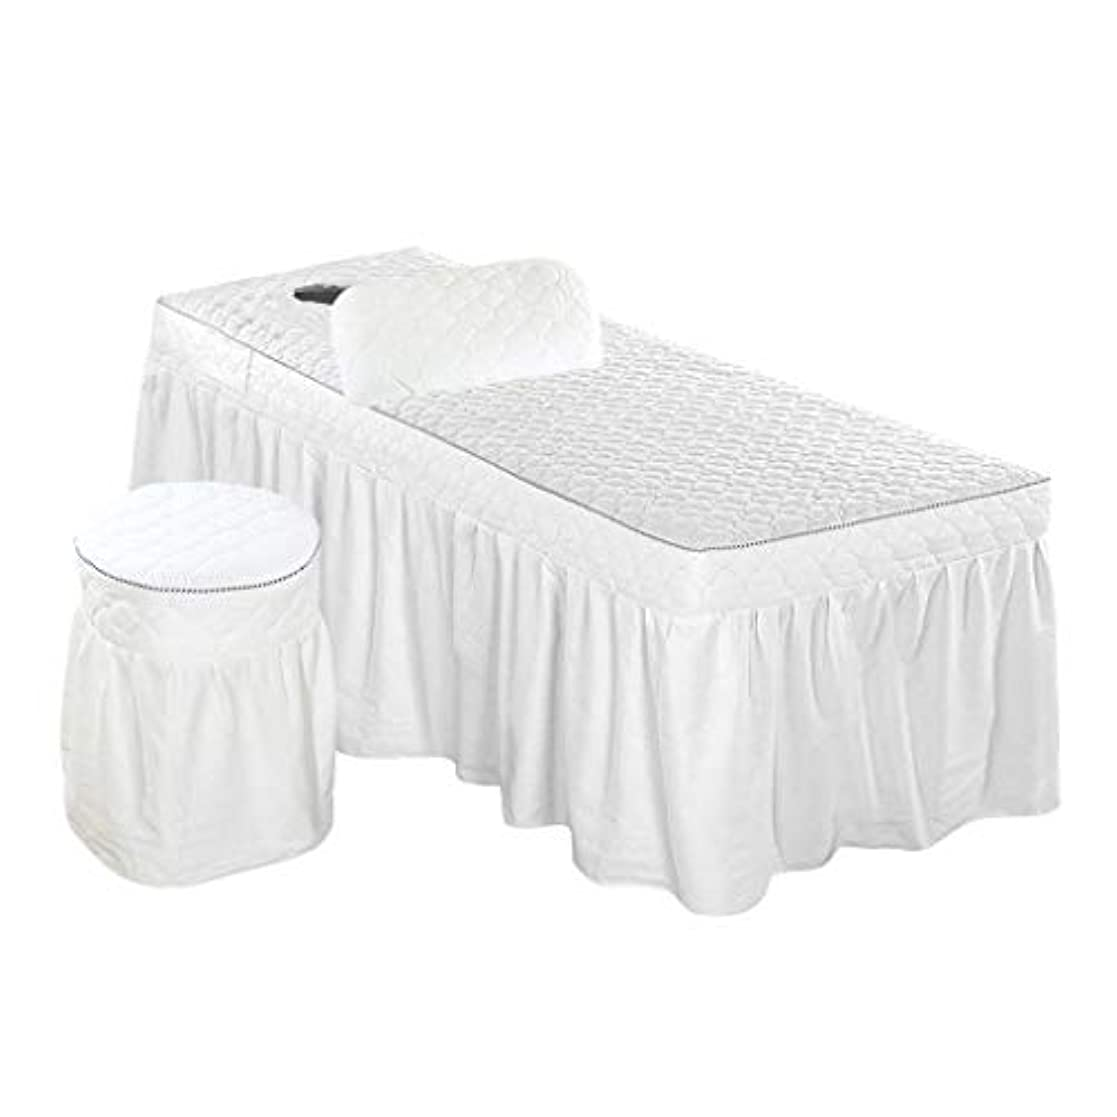 計り知れない落ち着かないエキゾチックエステベッドカバー 美容ベッドカバー 有孔 スツールカバー ピローケース付き - ホワイト